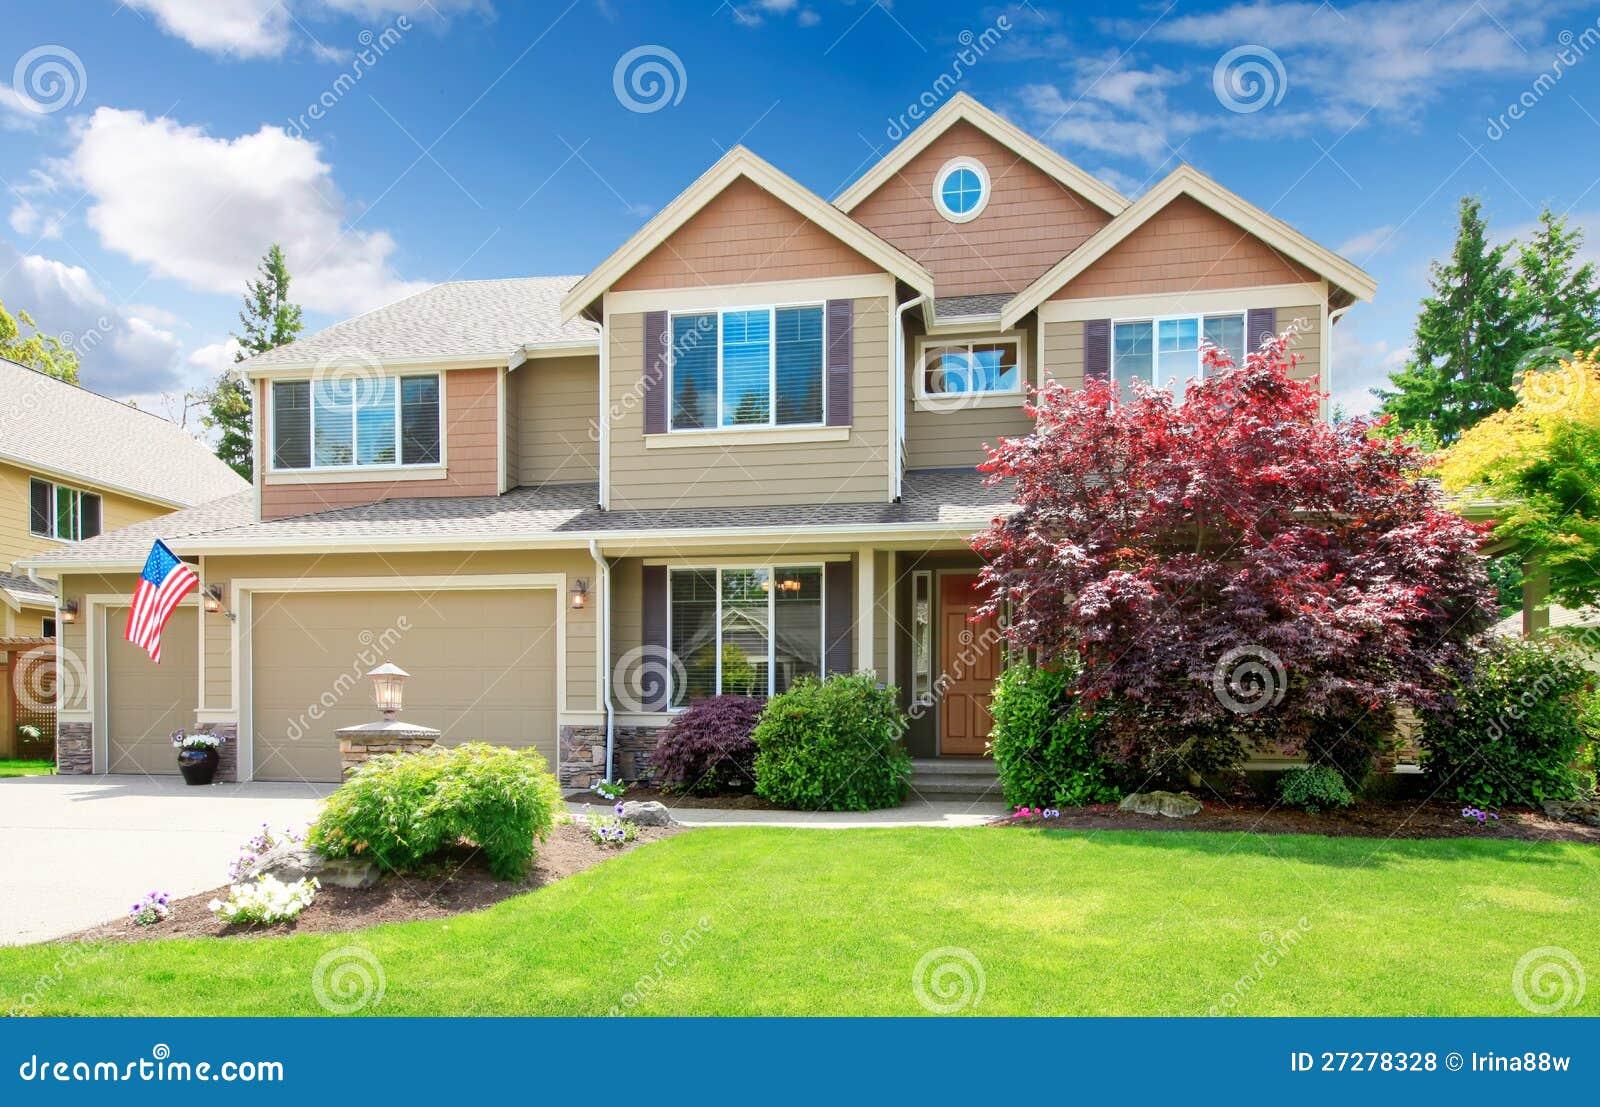 Grand ext rieur de luxe beige am ricain d 39 avant de maison for Nettoyage maison exterieur